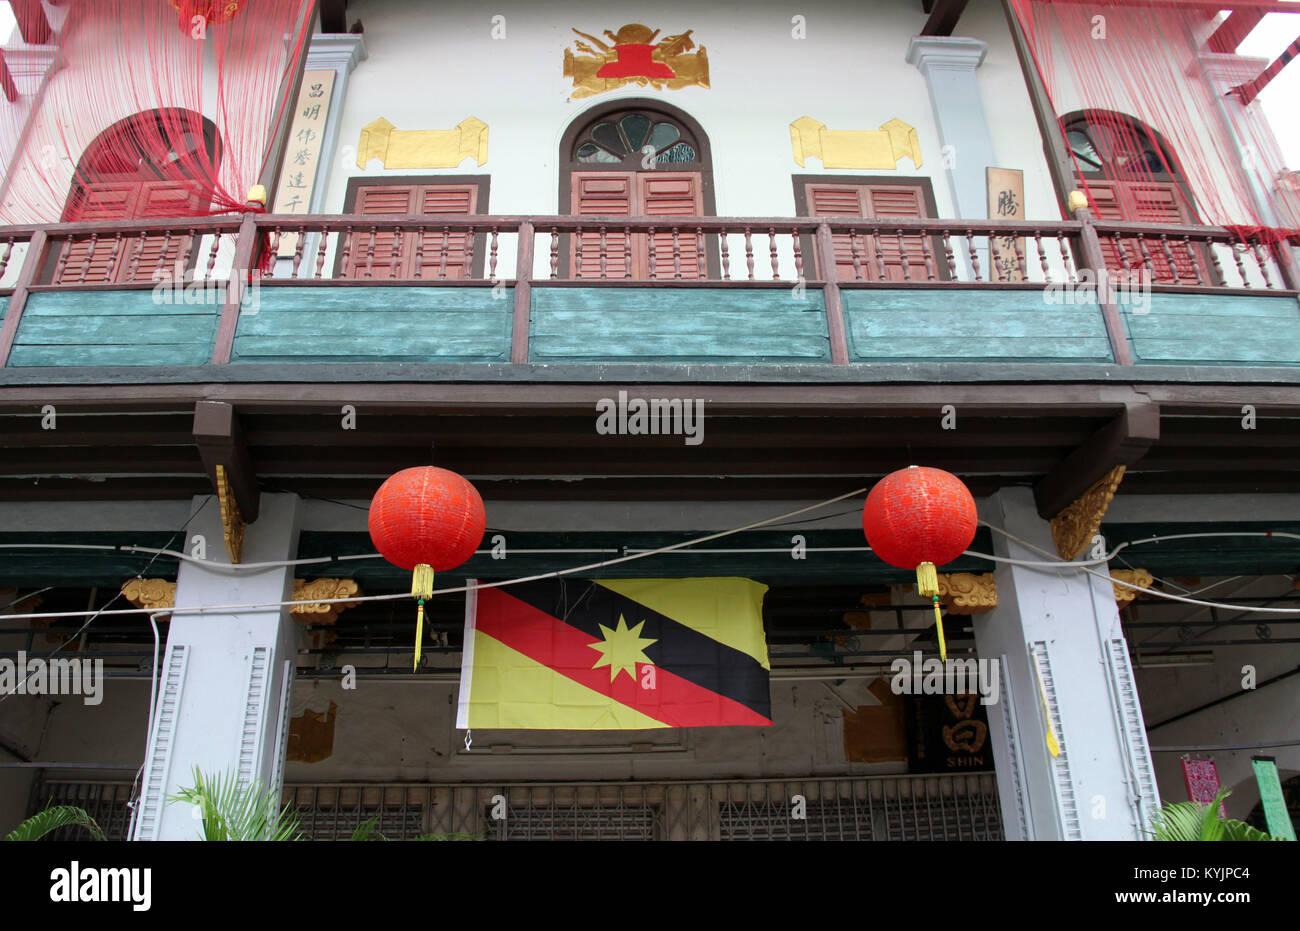 Kuching Shophouse and Sarawak Flag - Stock Image